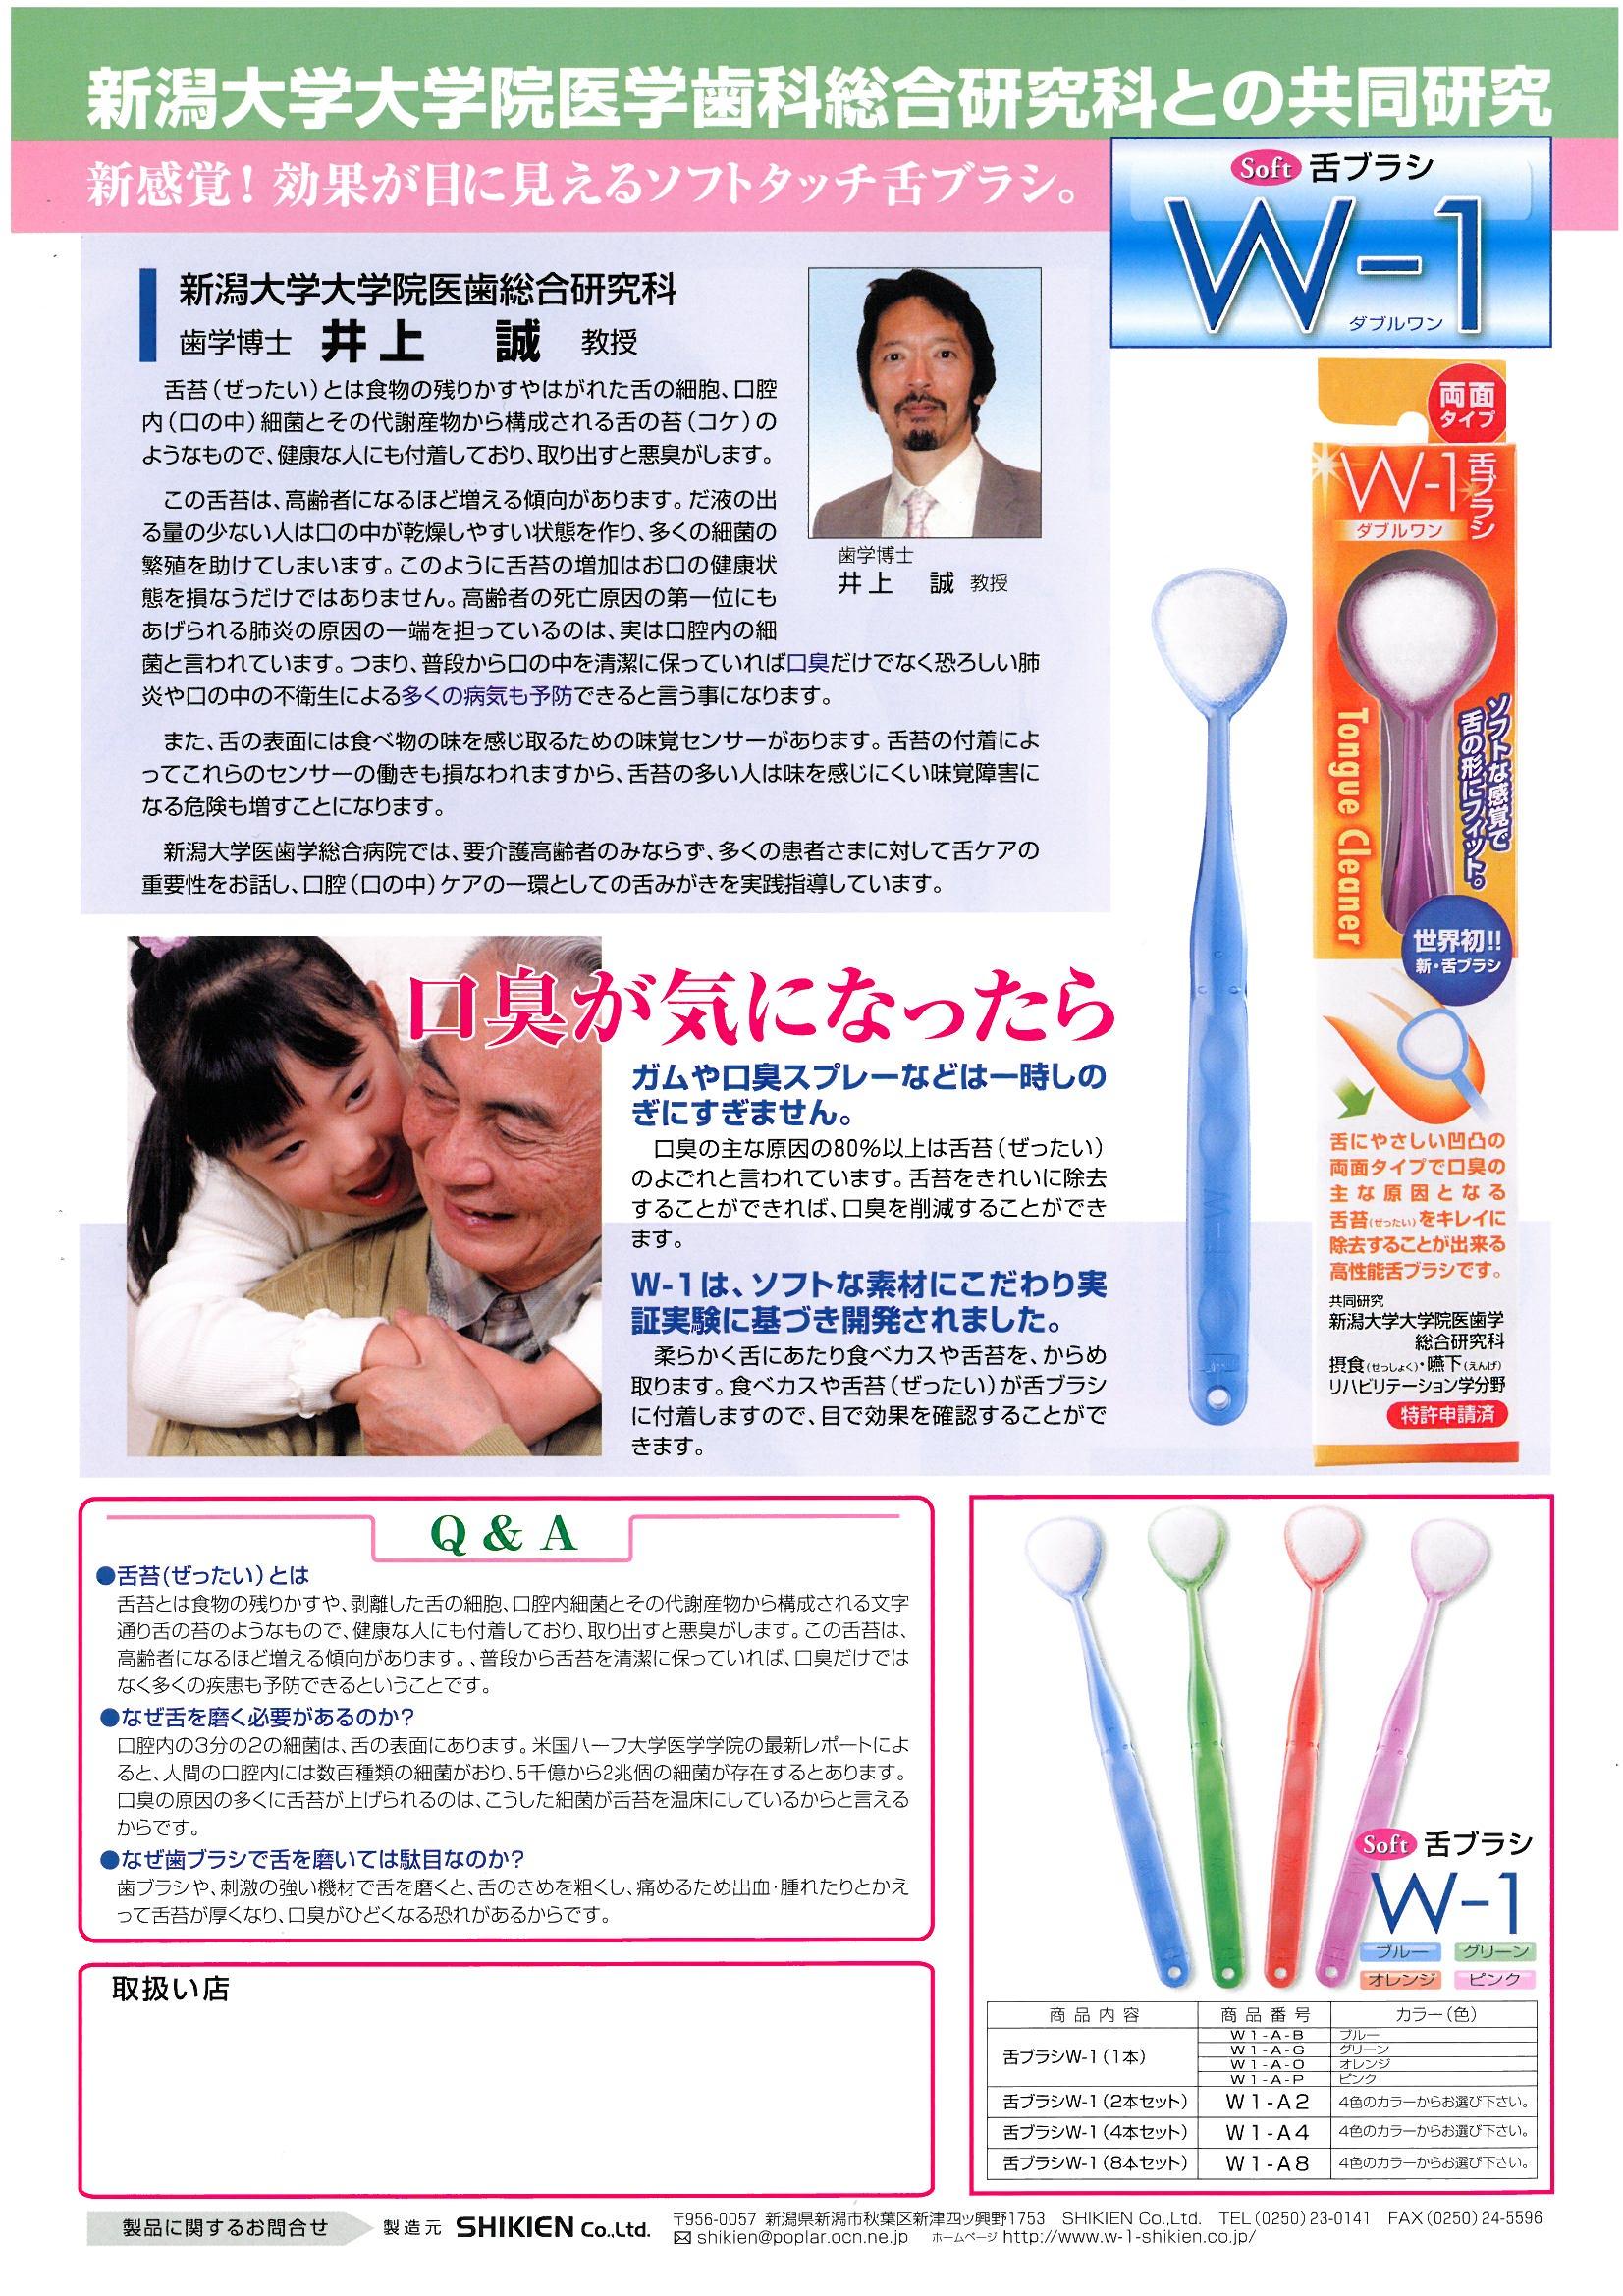 Soft舌ブラシ W-1(ダブルワン)